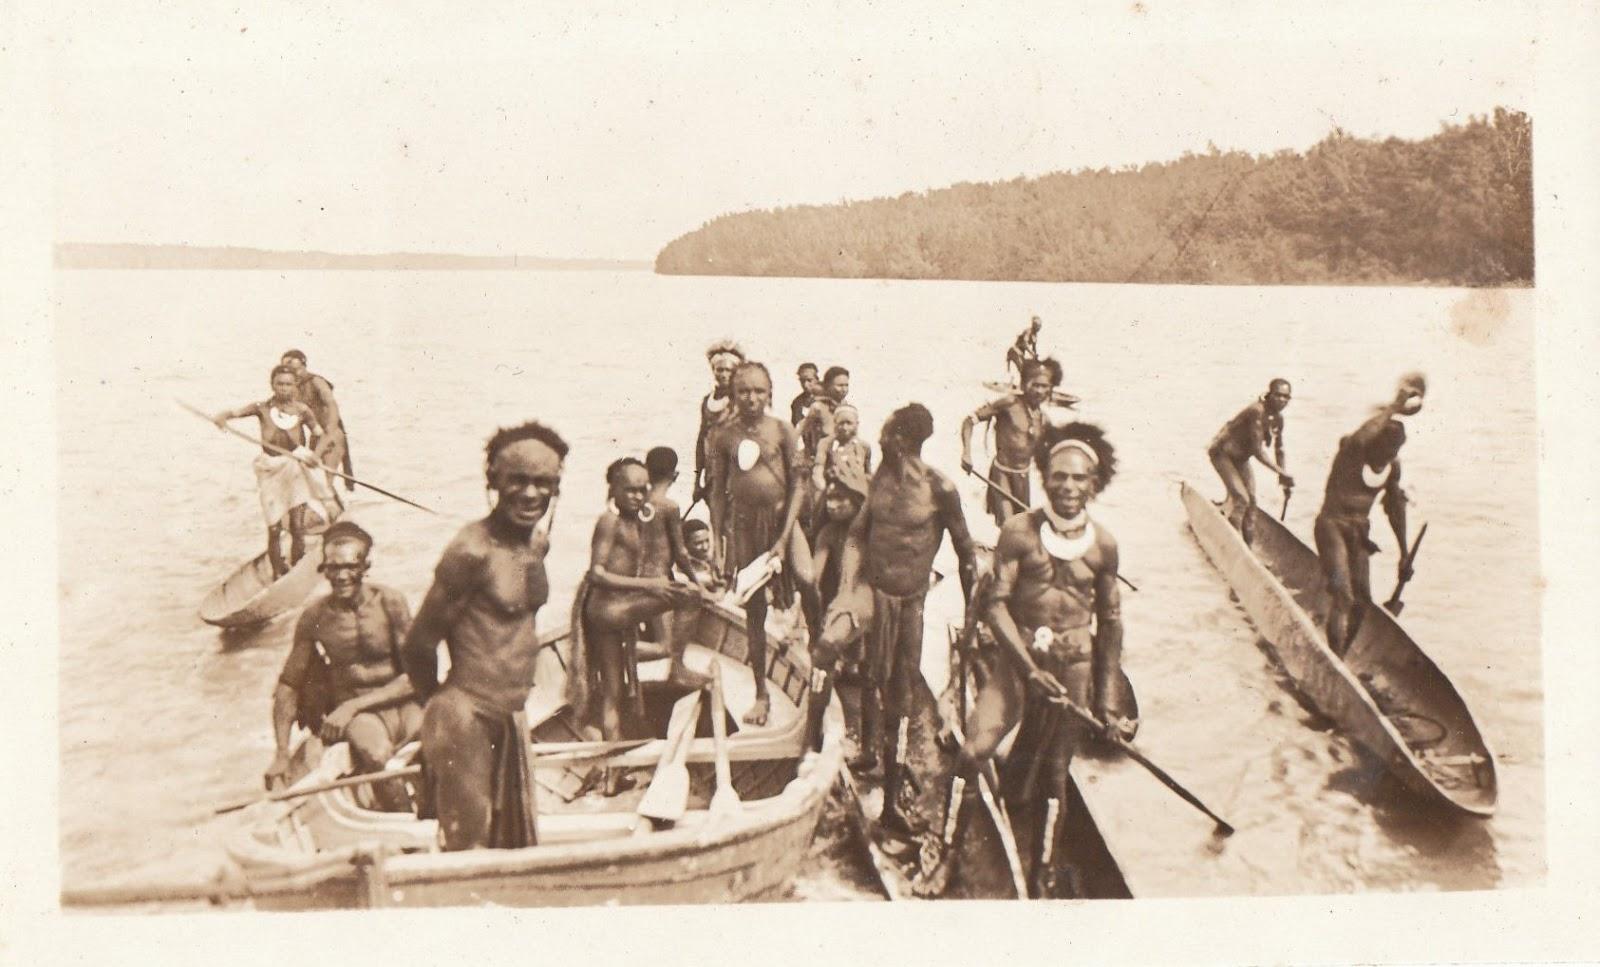 Les guerriers de Goaribari étaient réputés belliqueux et surtout cannibales, ce que confirma la malheureuse expérience de Chalmers.